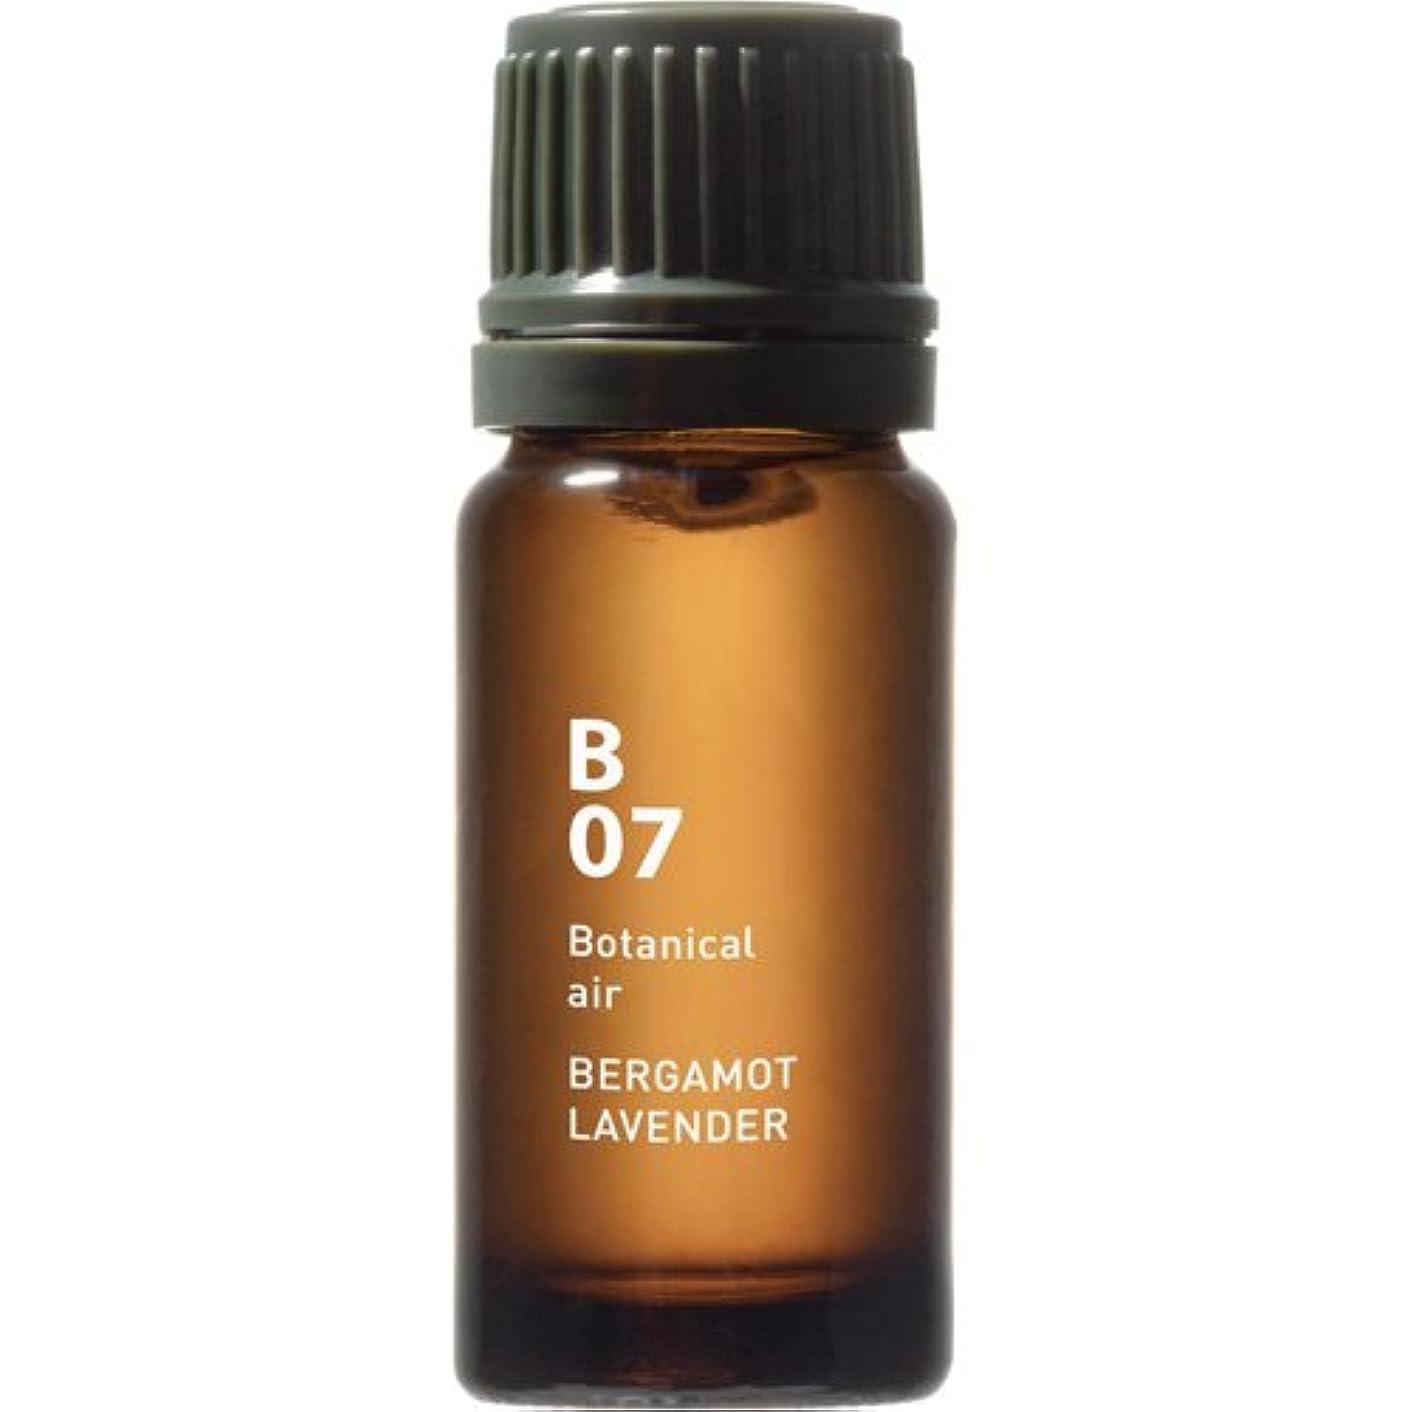 欲望効能アレルギーB07 ベルガモットラベンダー Botanical air(ボタニカルエアー) 10ml